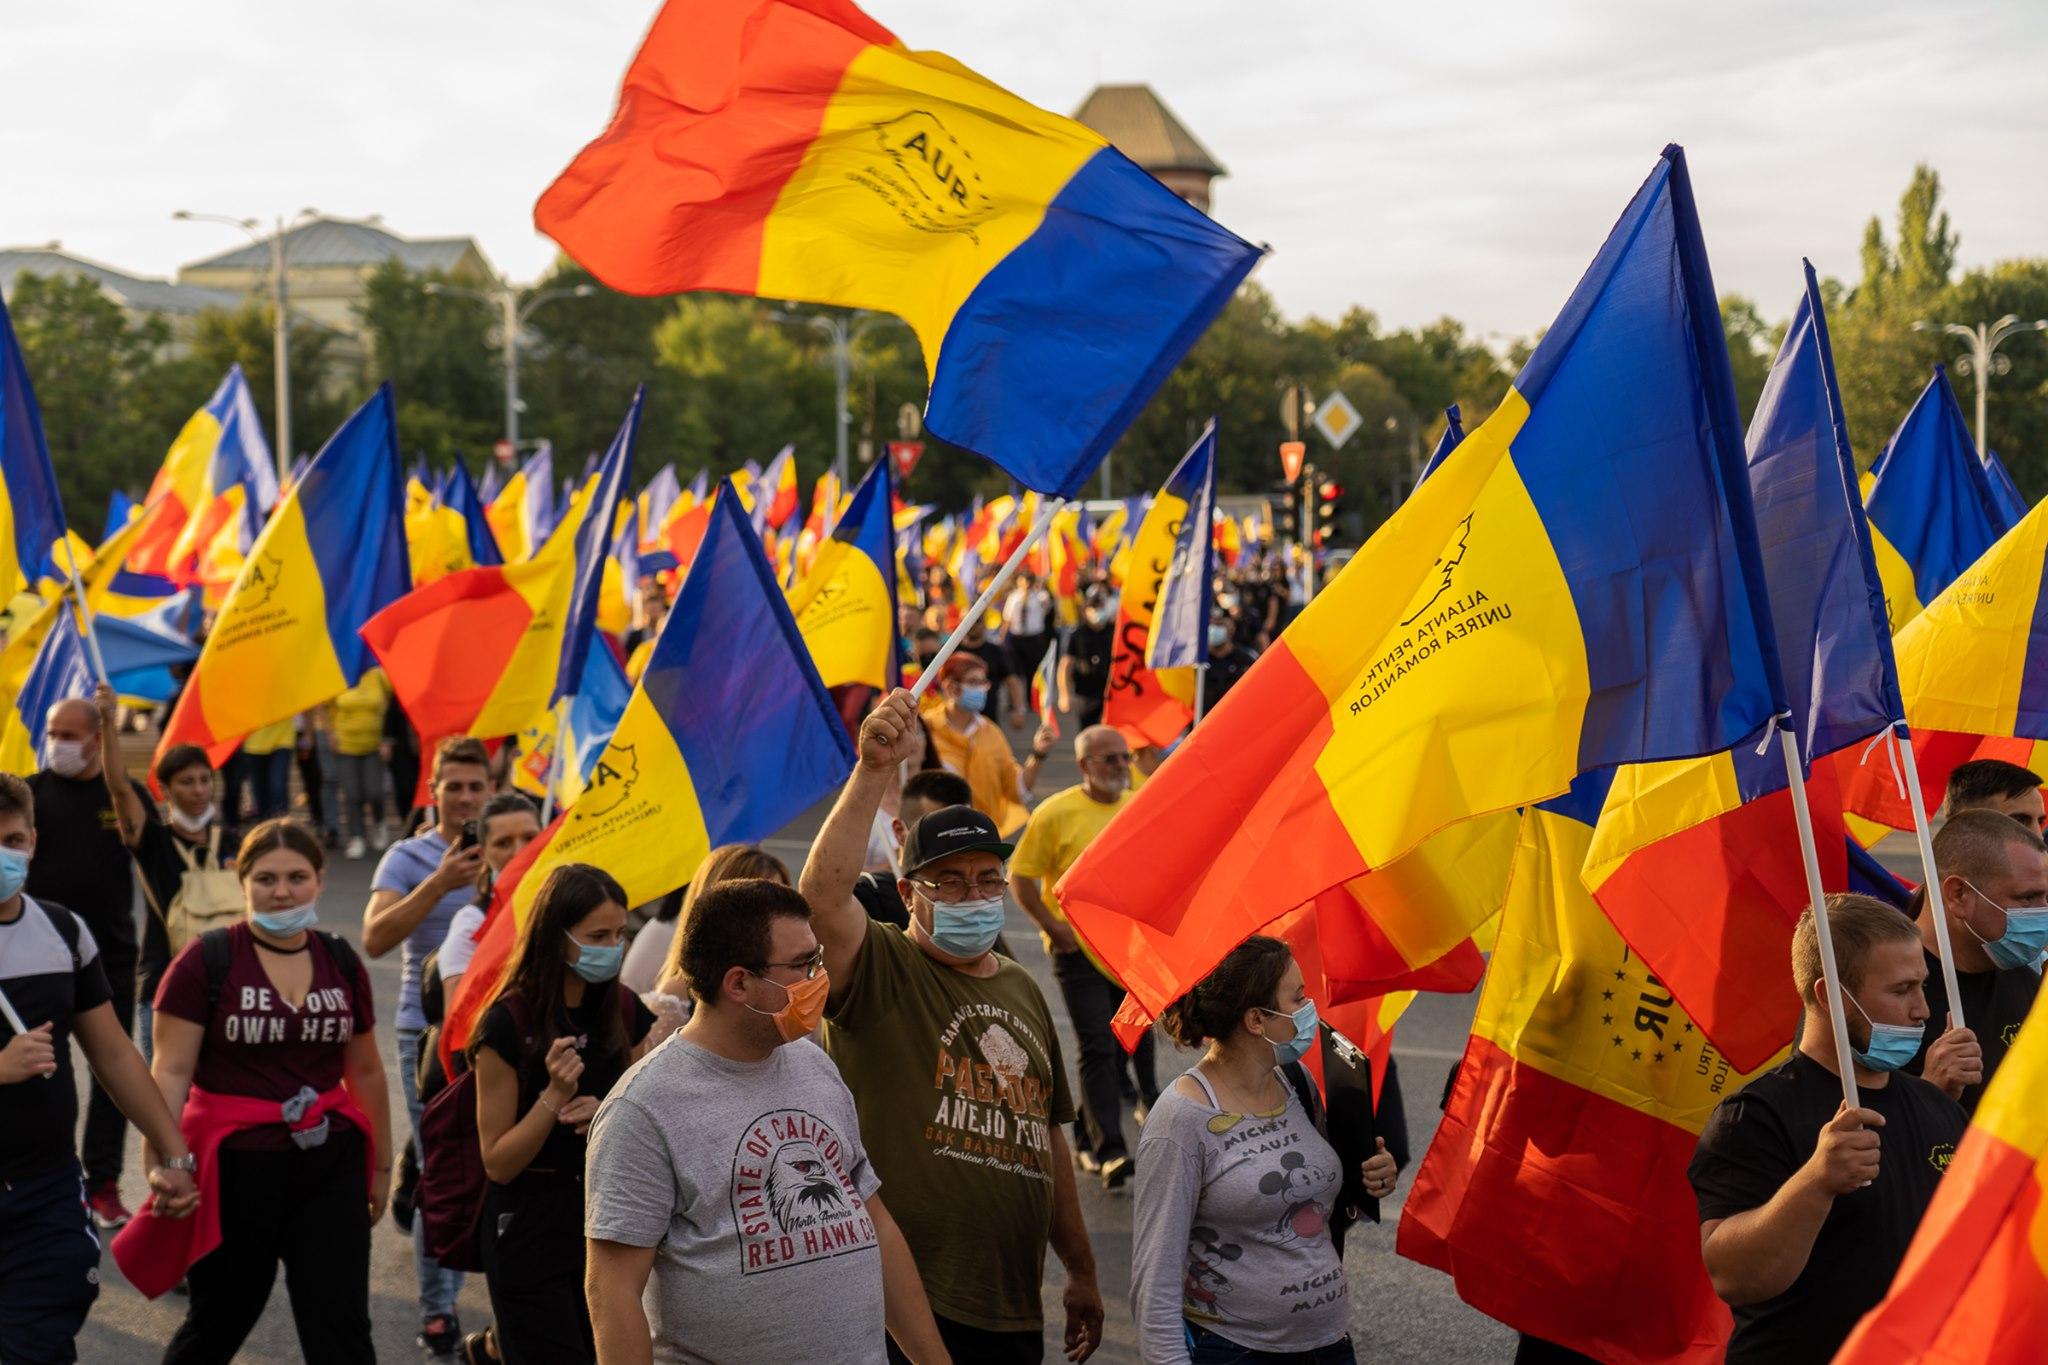 Axa Berlin-Moscova deranjată de axa AUR București-Chișinău – CRITICII.RO